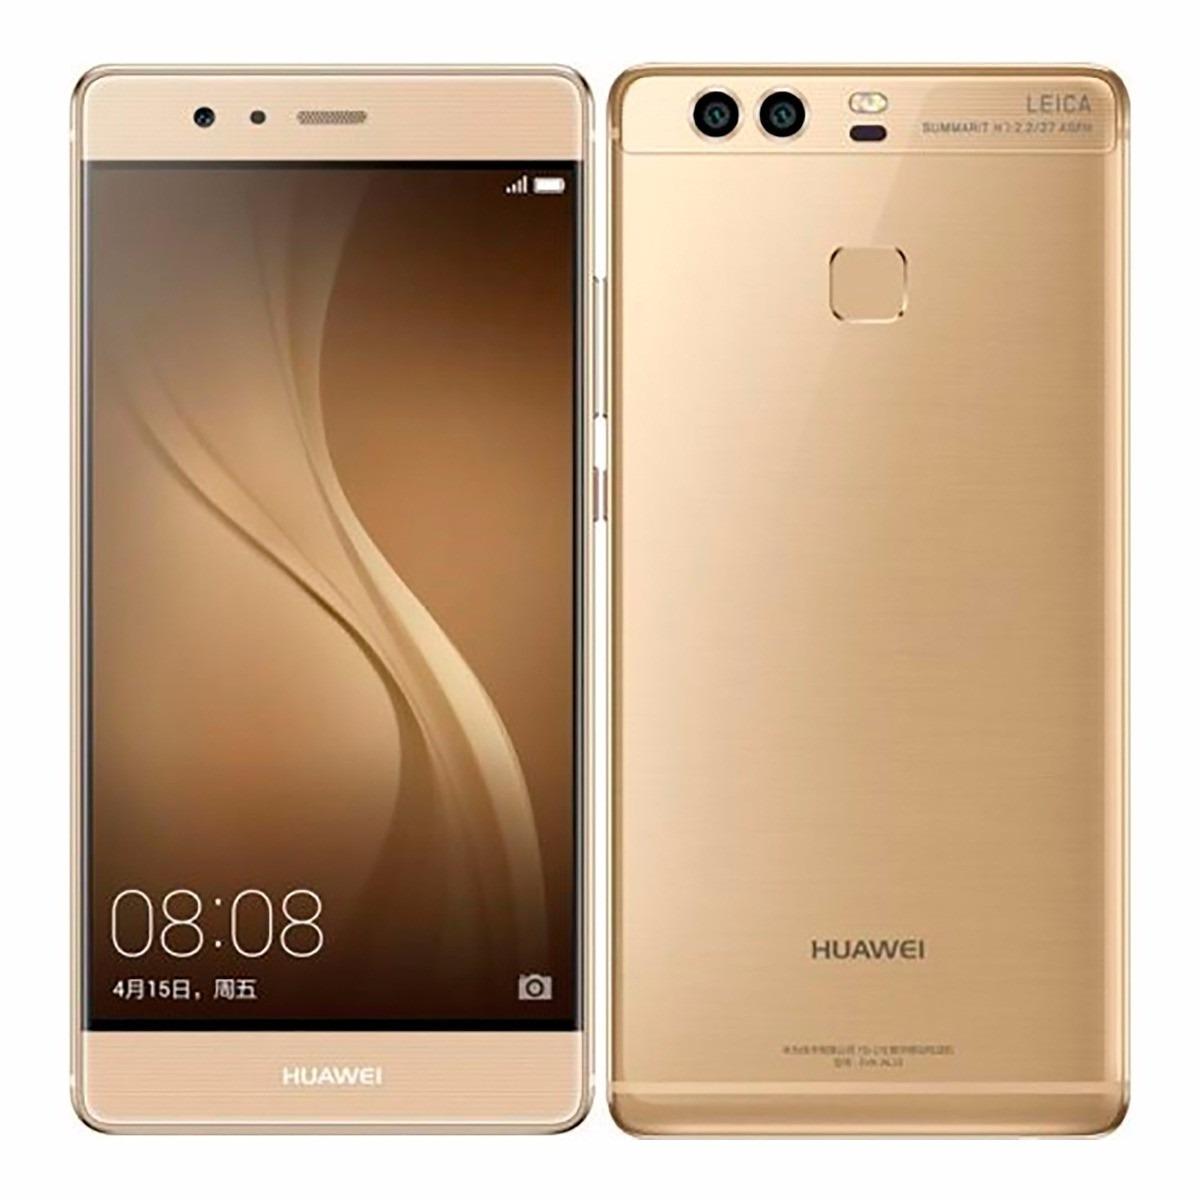 1119e71959ba8 Características. Marca Huawei  Modelo P9